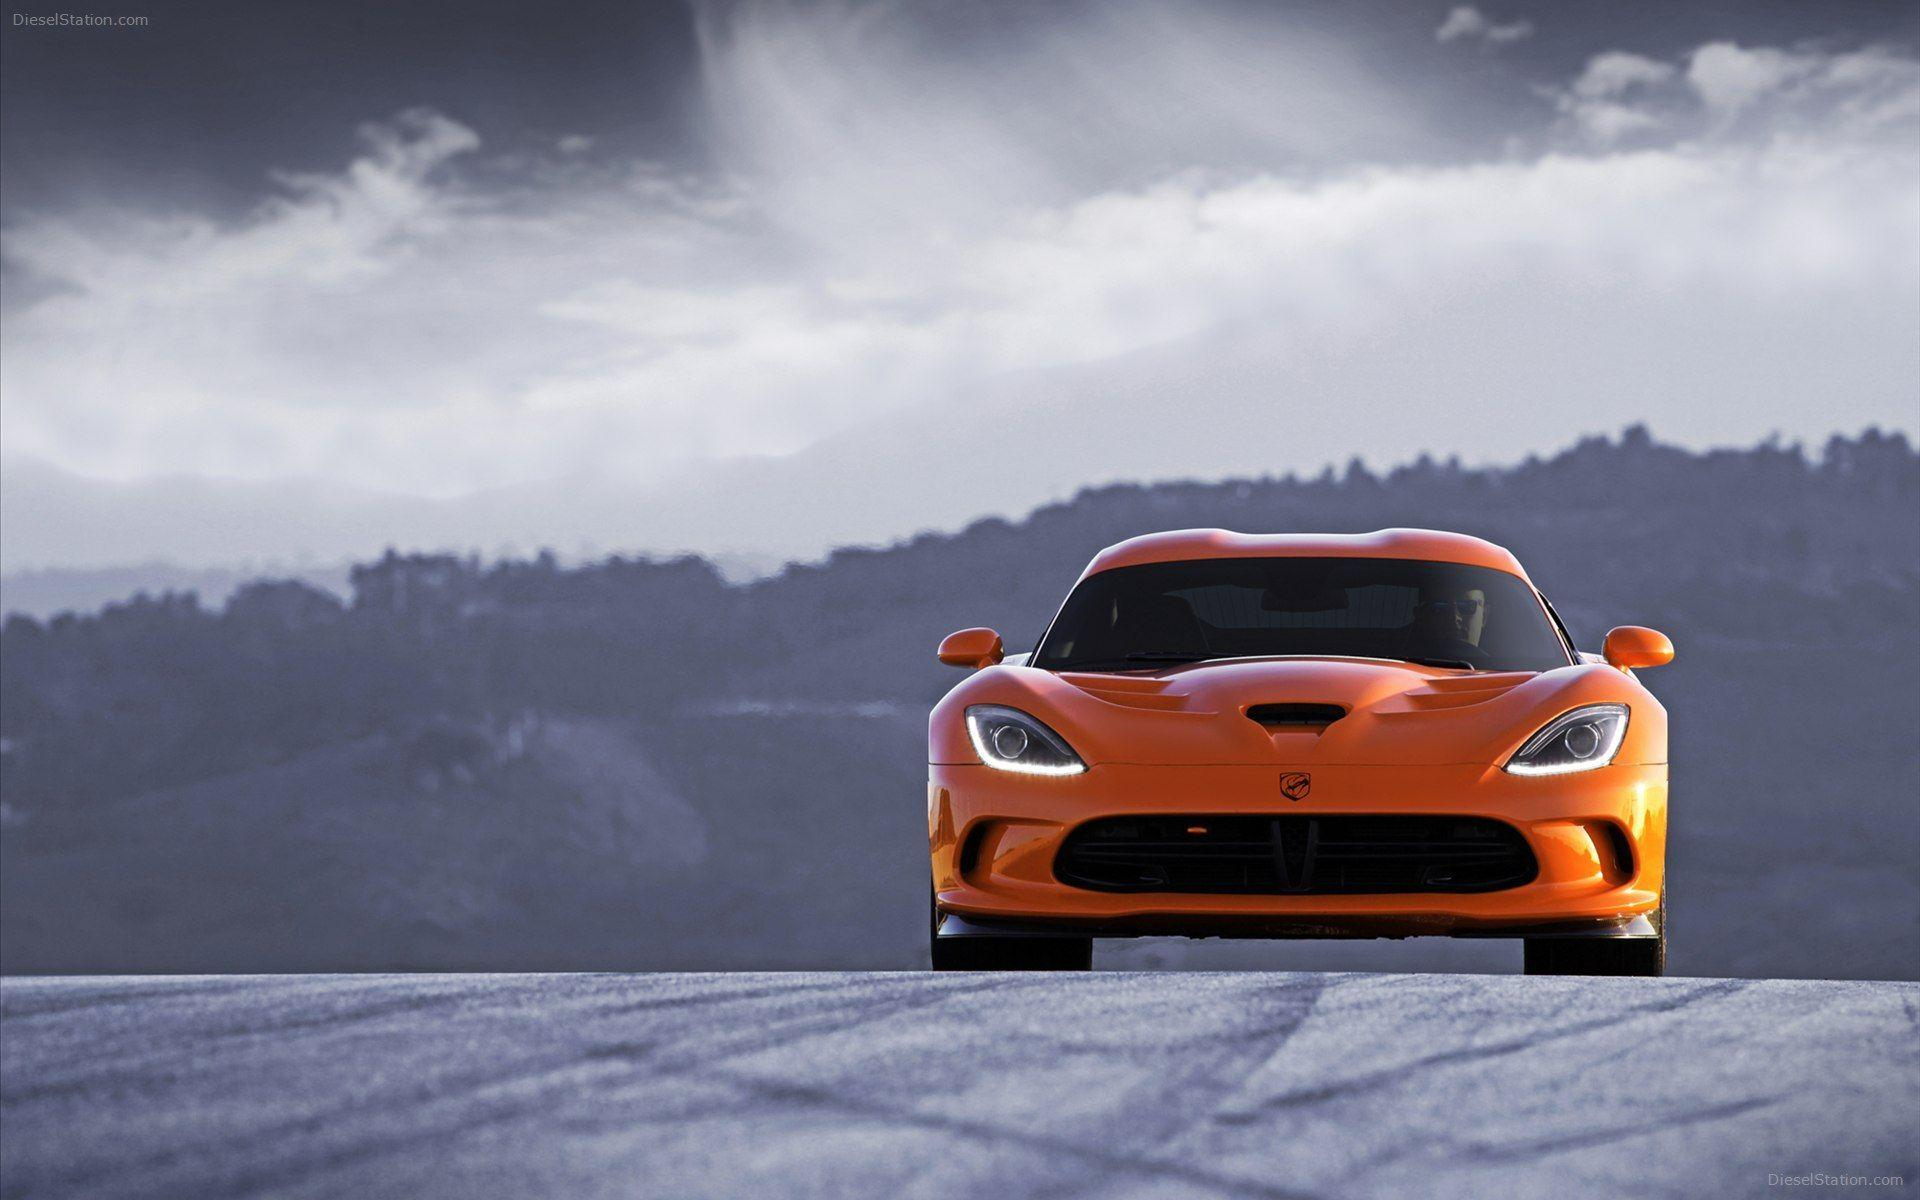 2014 Dodge Viper SRT Widescreen